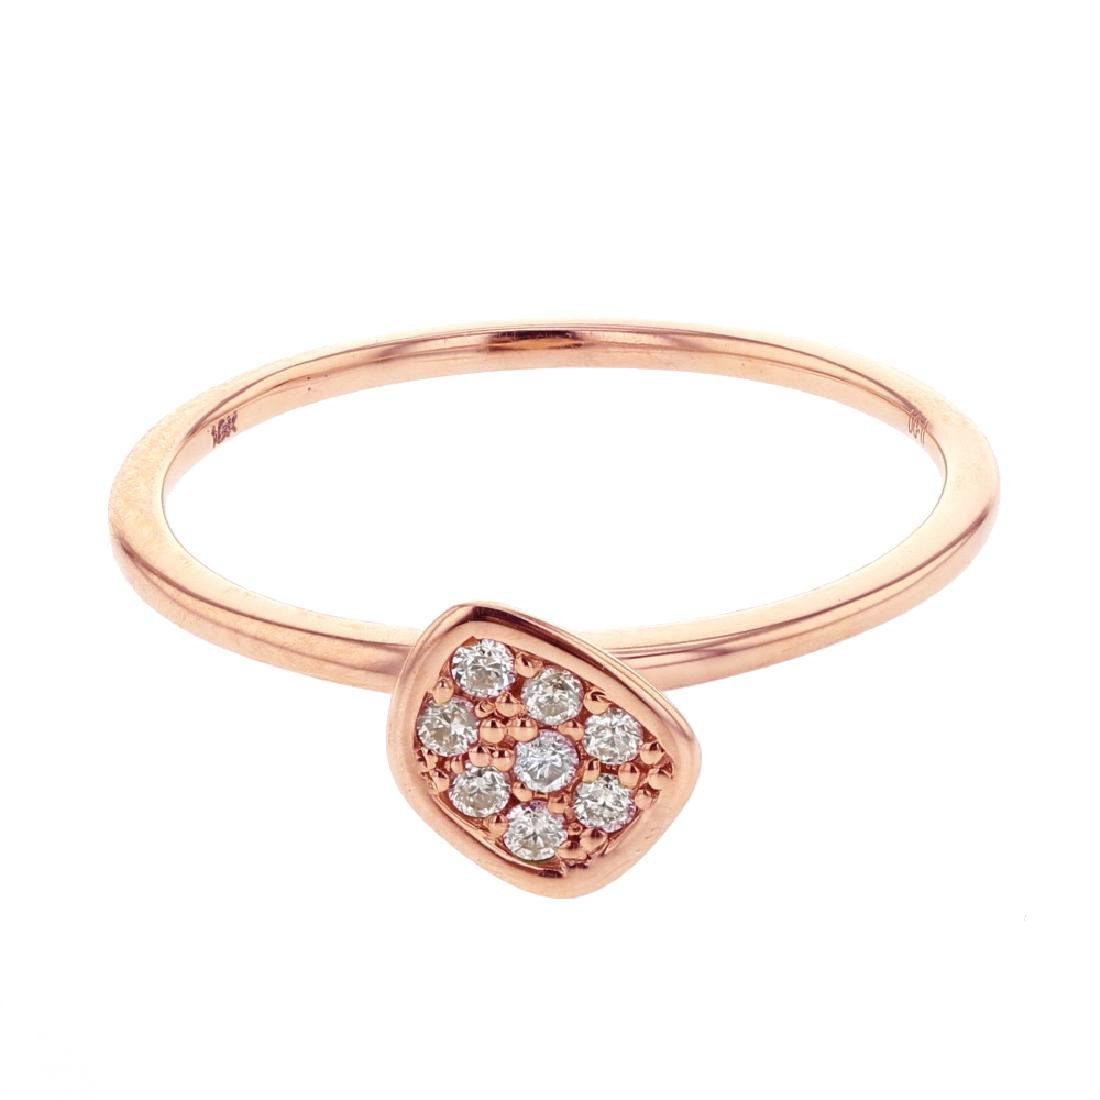 0.11 CTW Diamond Fashion  Ring in 18K Rose Gold